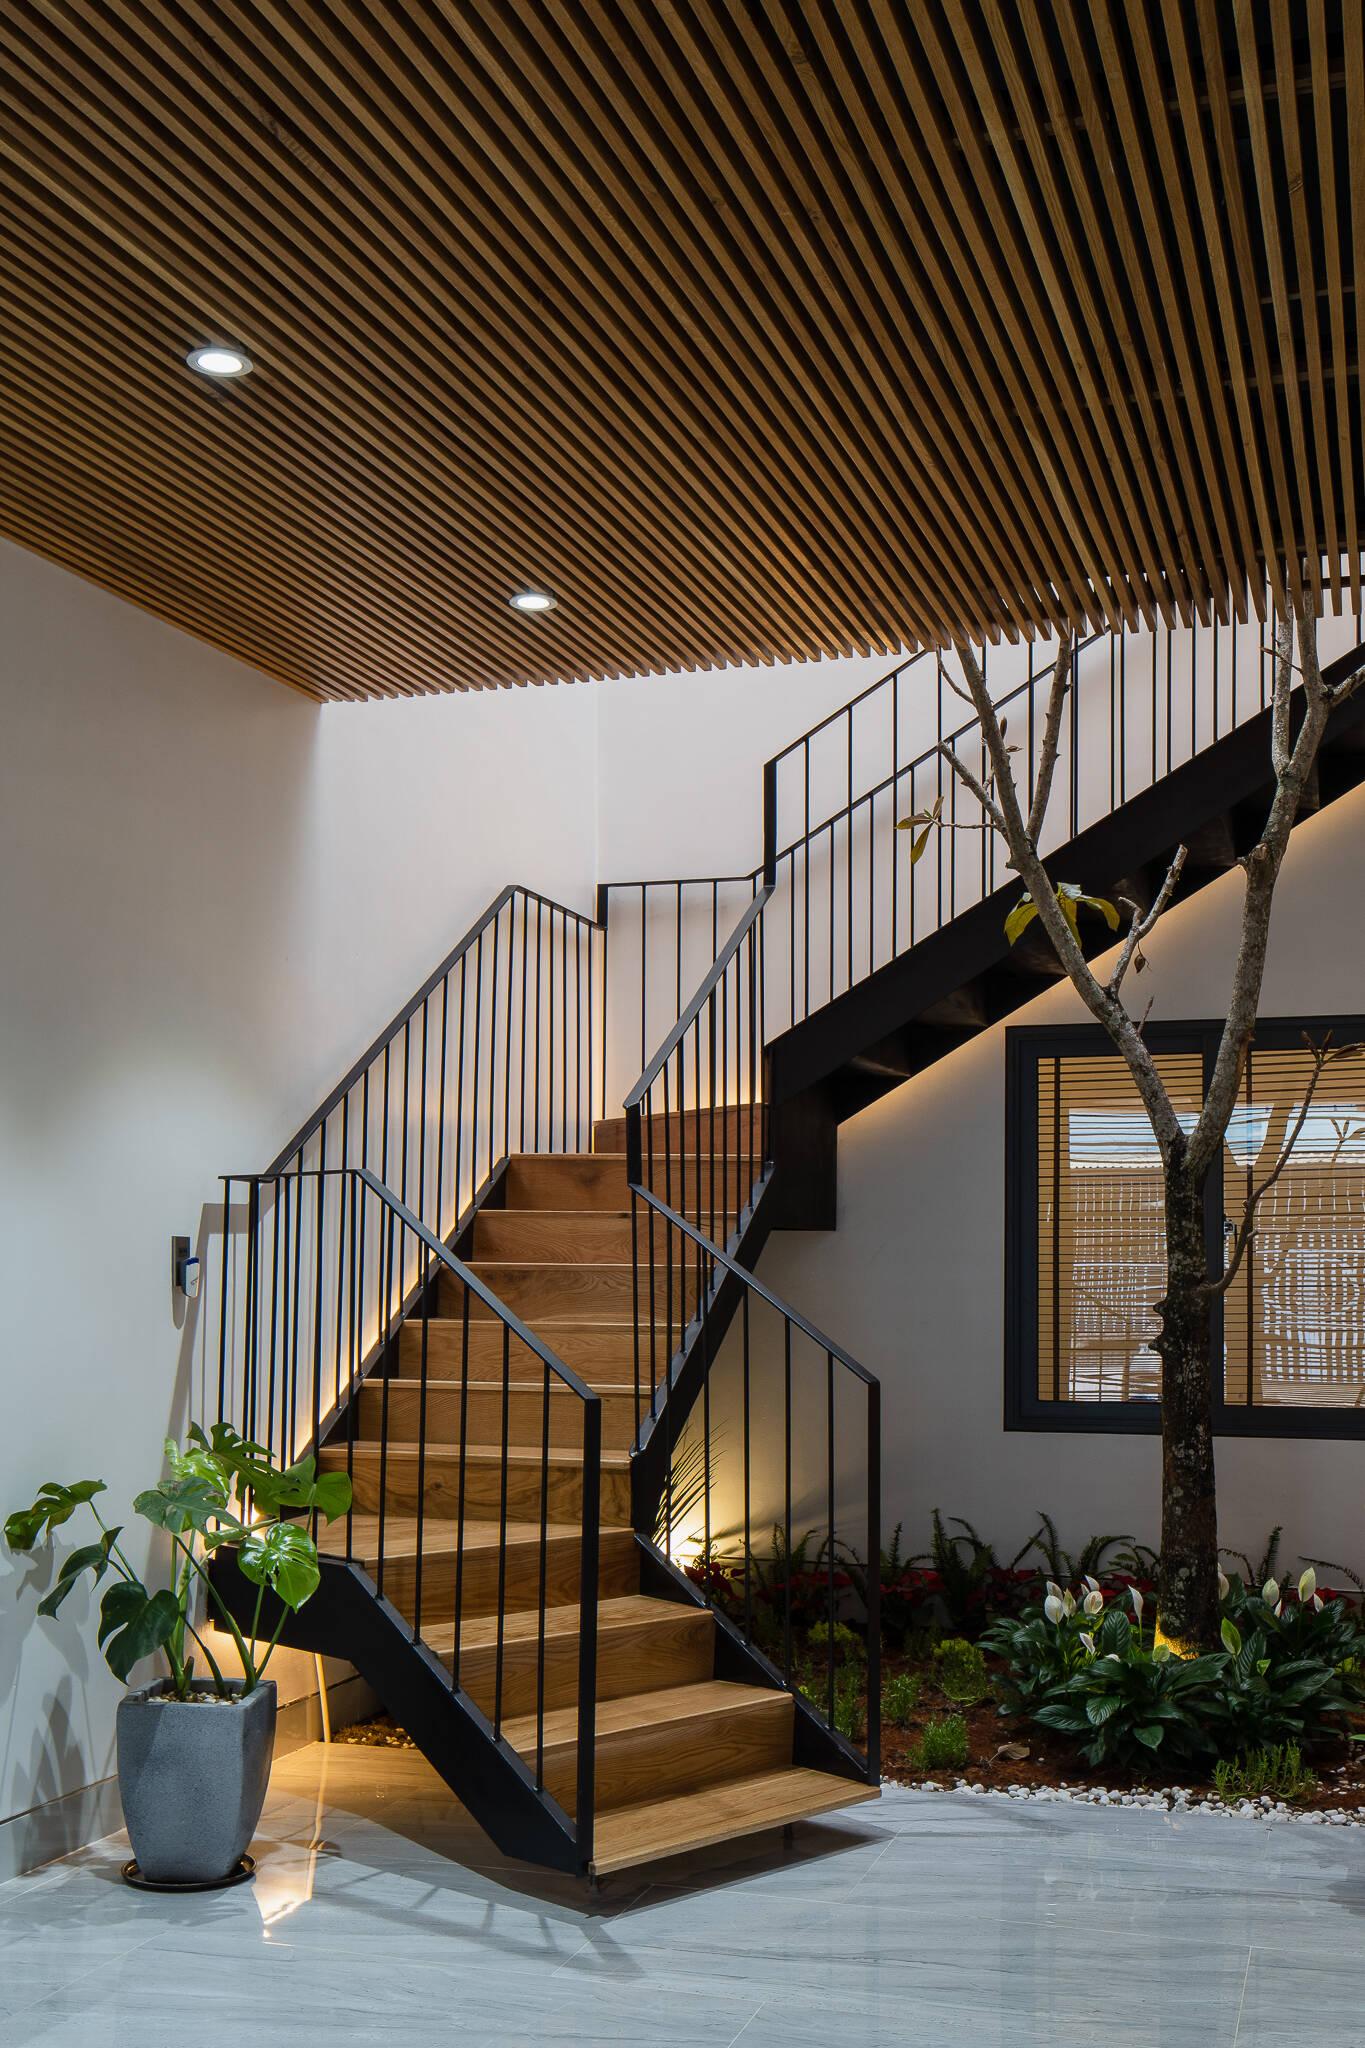 Cầu thang gỗ chắc chắn dẫn lên không gian phía bên trên